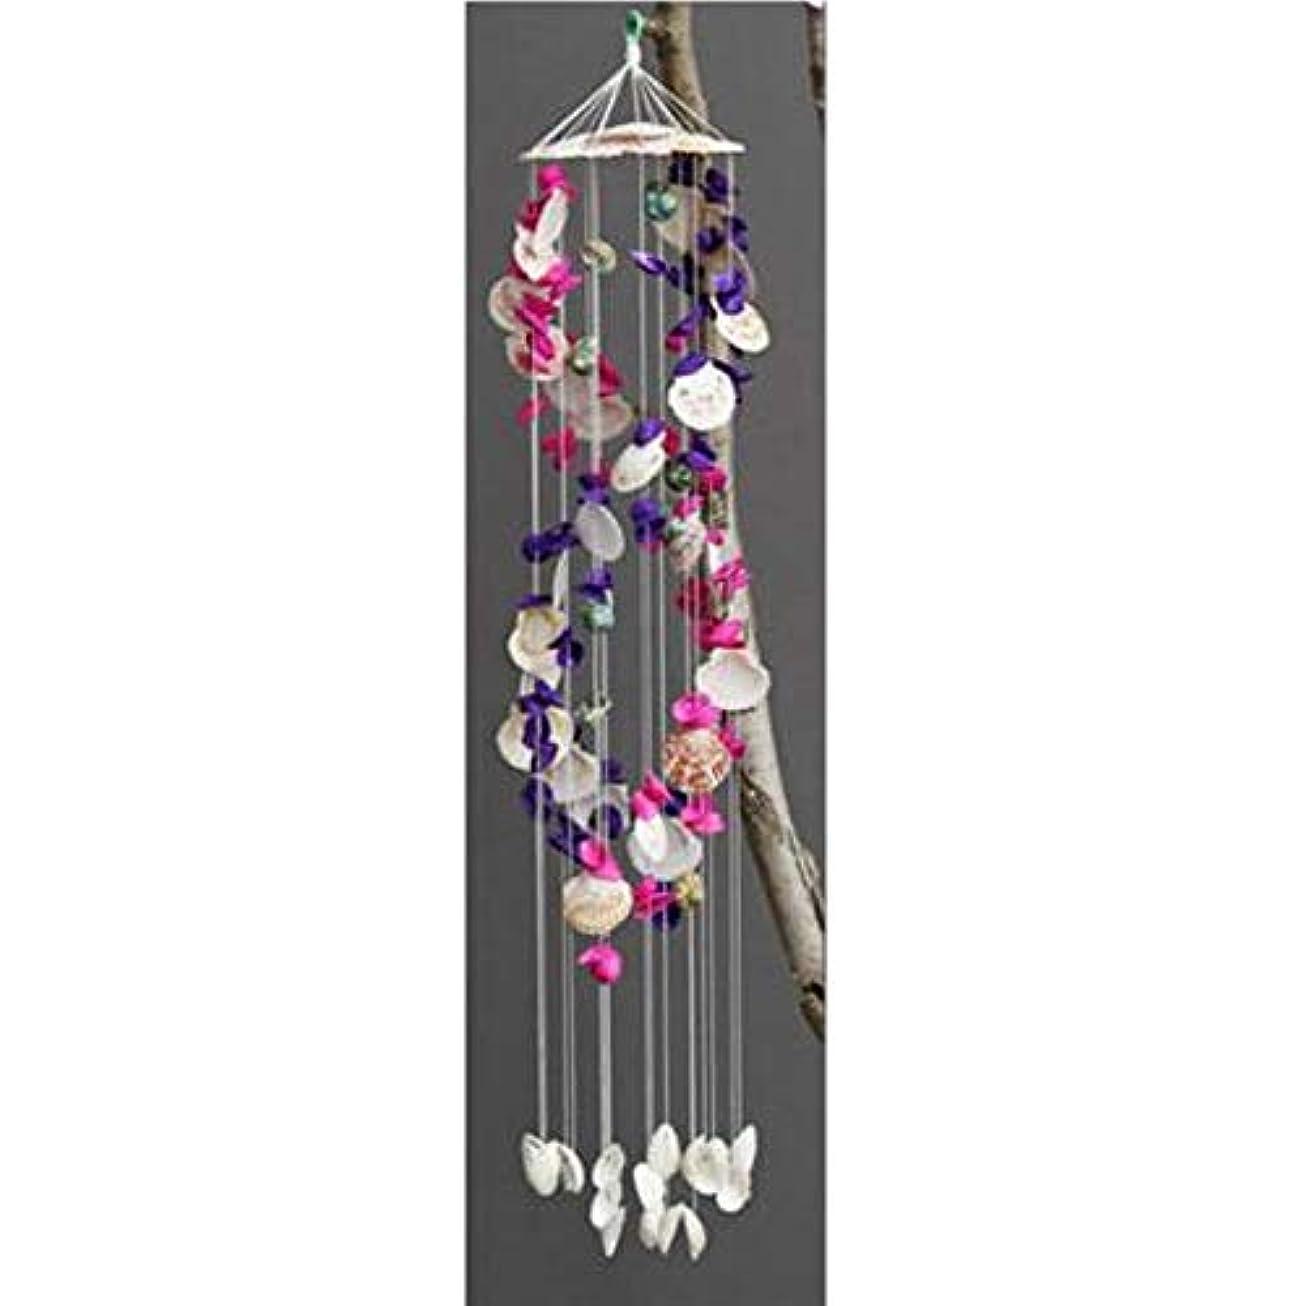 アレルギー種類だらしないJielongtongxun 風チャイム、かわいい手作りのクリエイティブシェル風の鐘、斑入り、全長約95CM,絶妙な飾り (Color : Multi-colored)